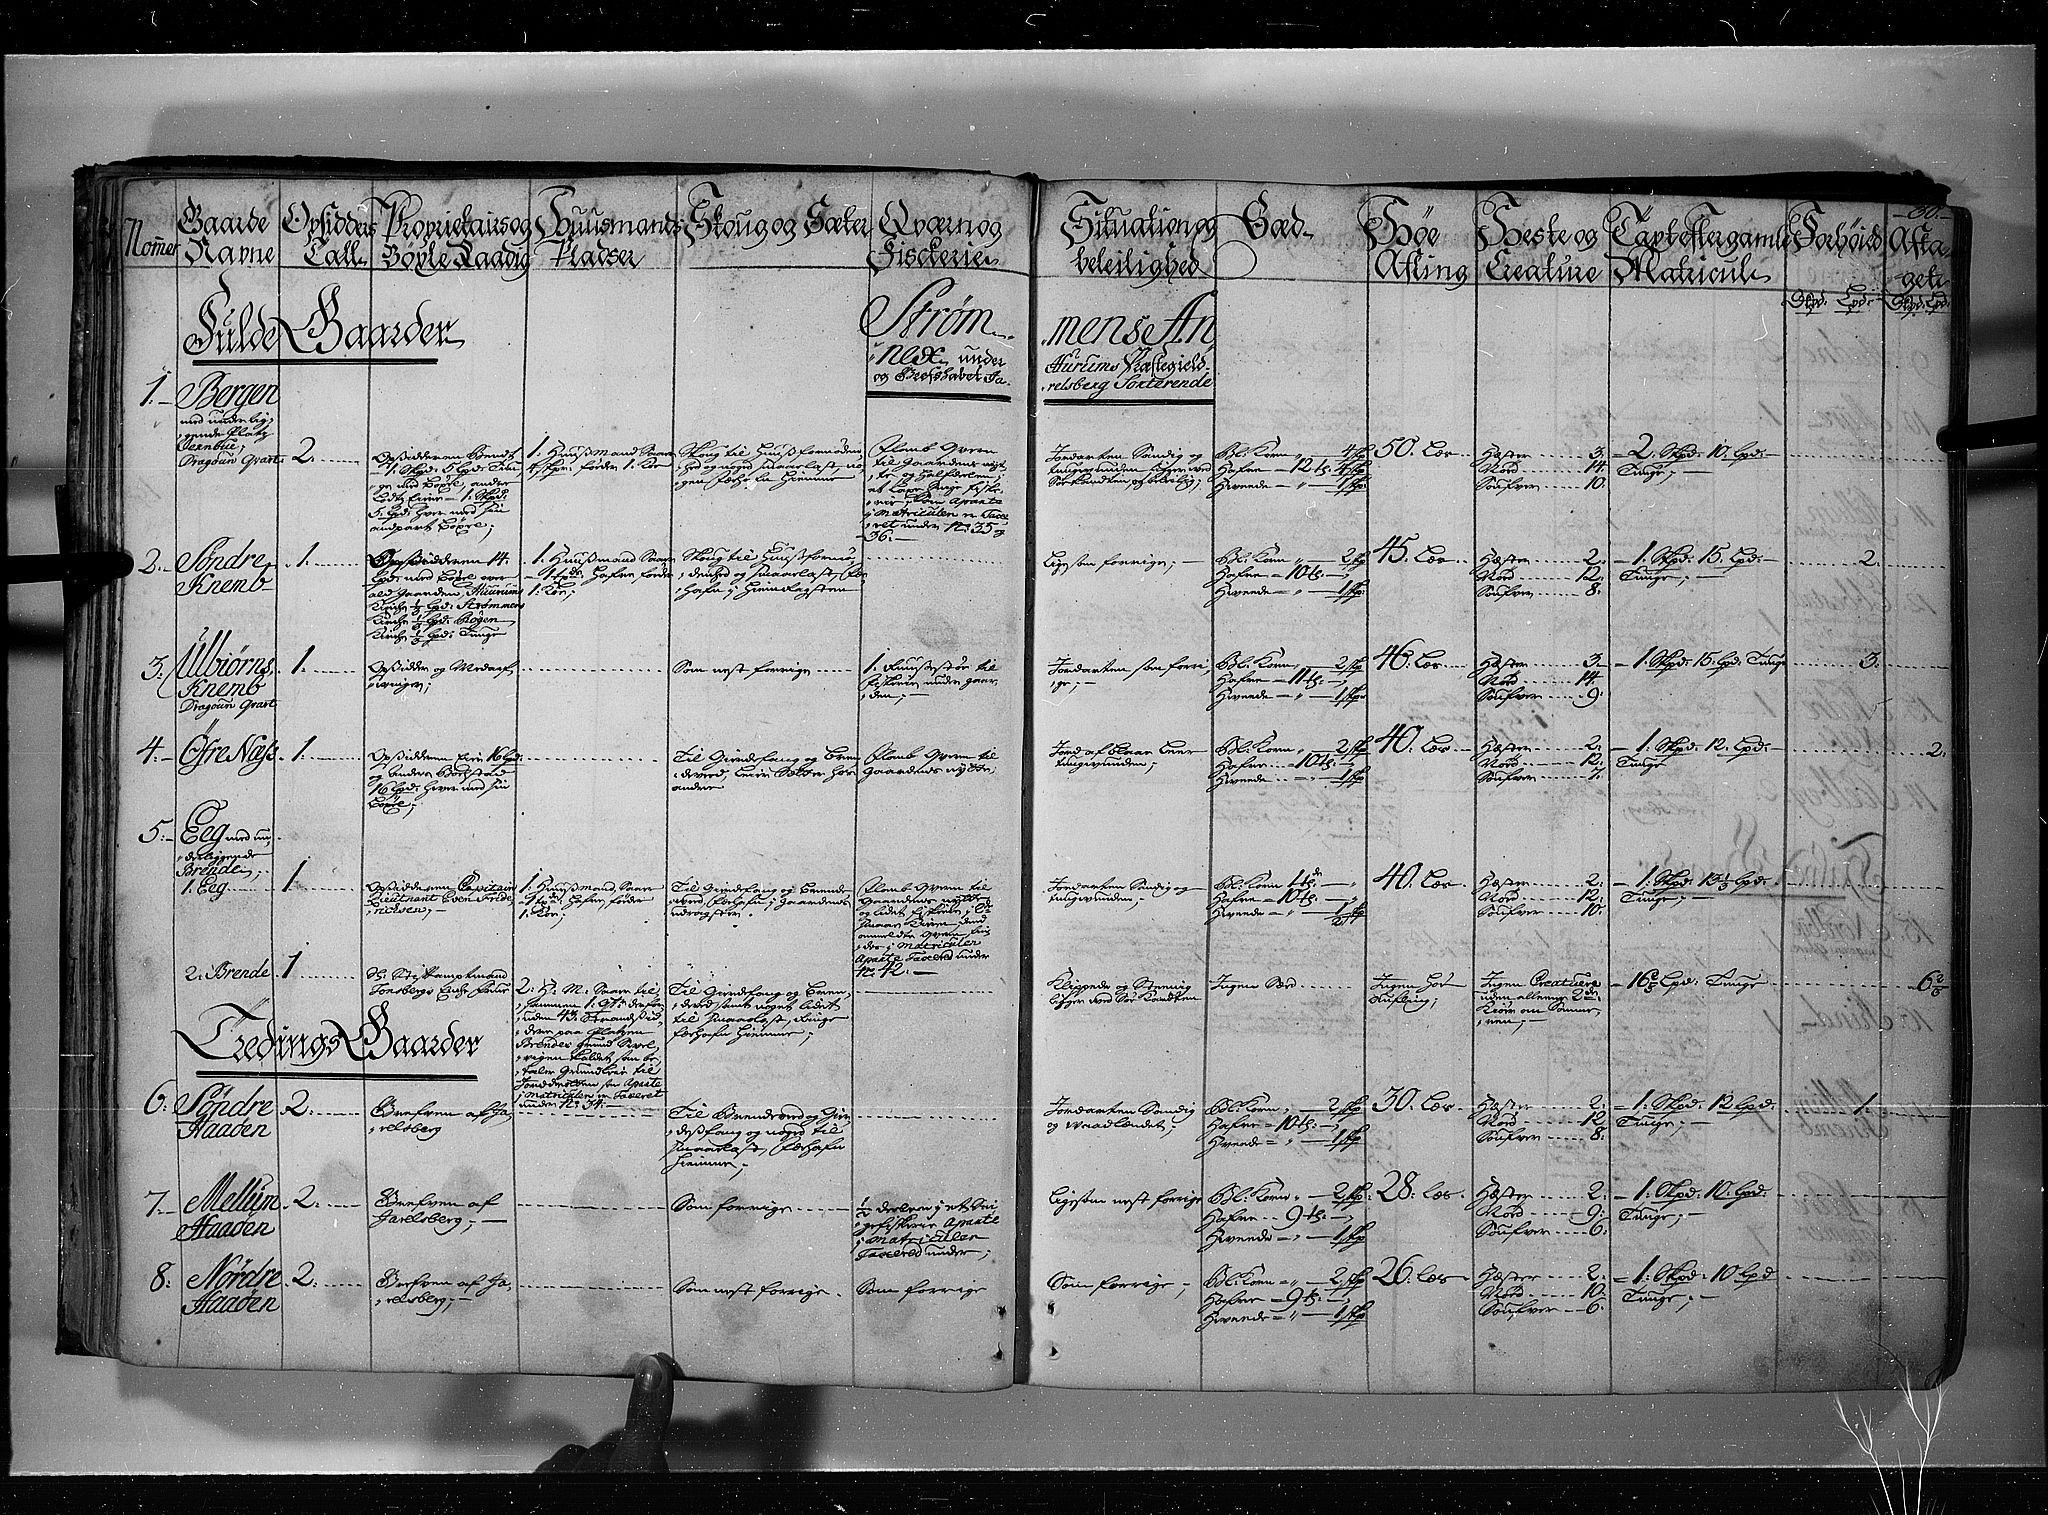 RA, Rentekammeret inntil 1814, Realistisk ordnet avdeling, N/Nb/Nbf/L0115: Jarlsberg grevskap eksaminasjonsprotokoll, 1723, s. 29b-30a